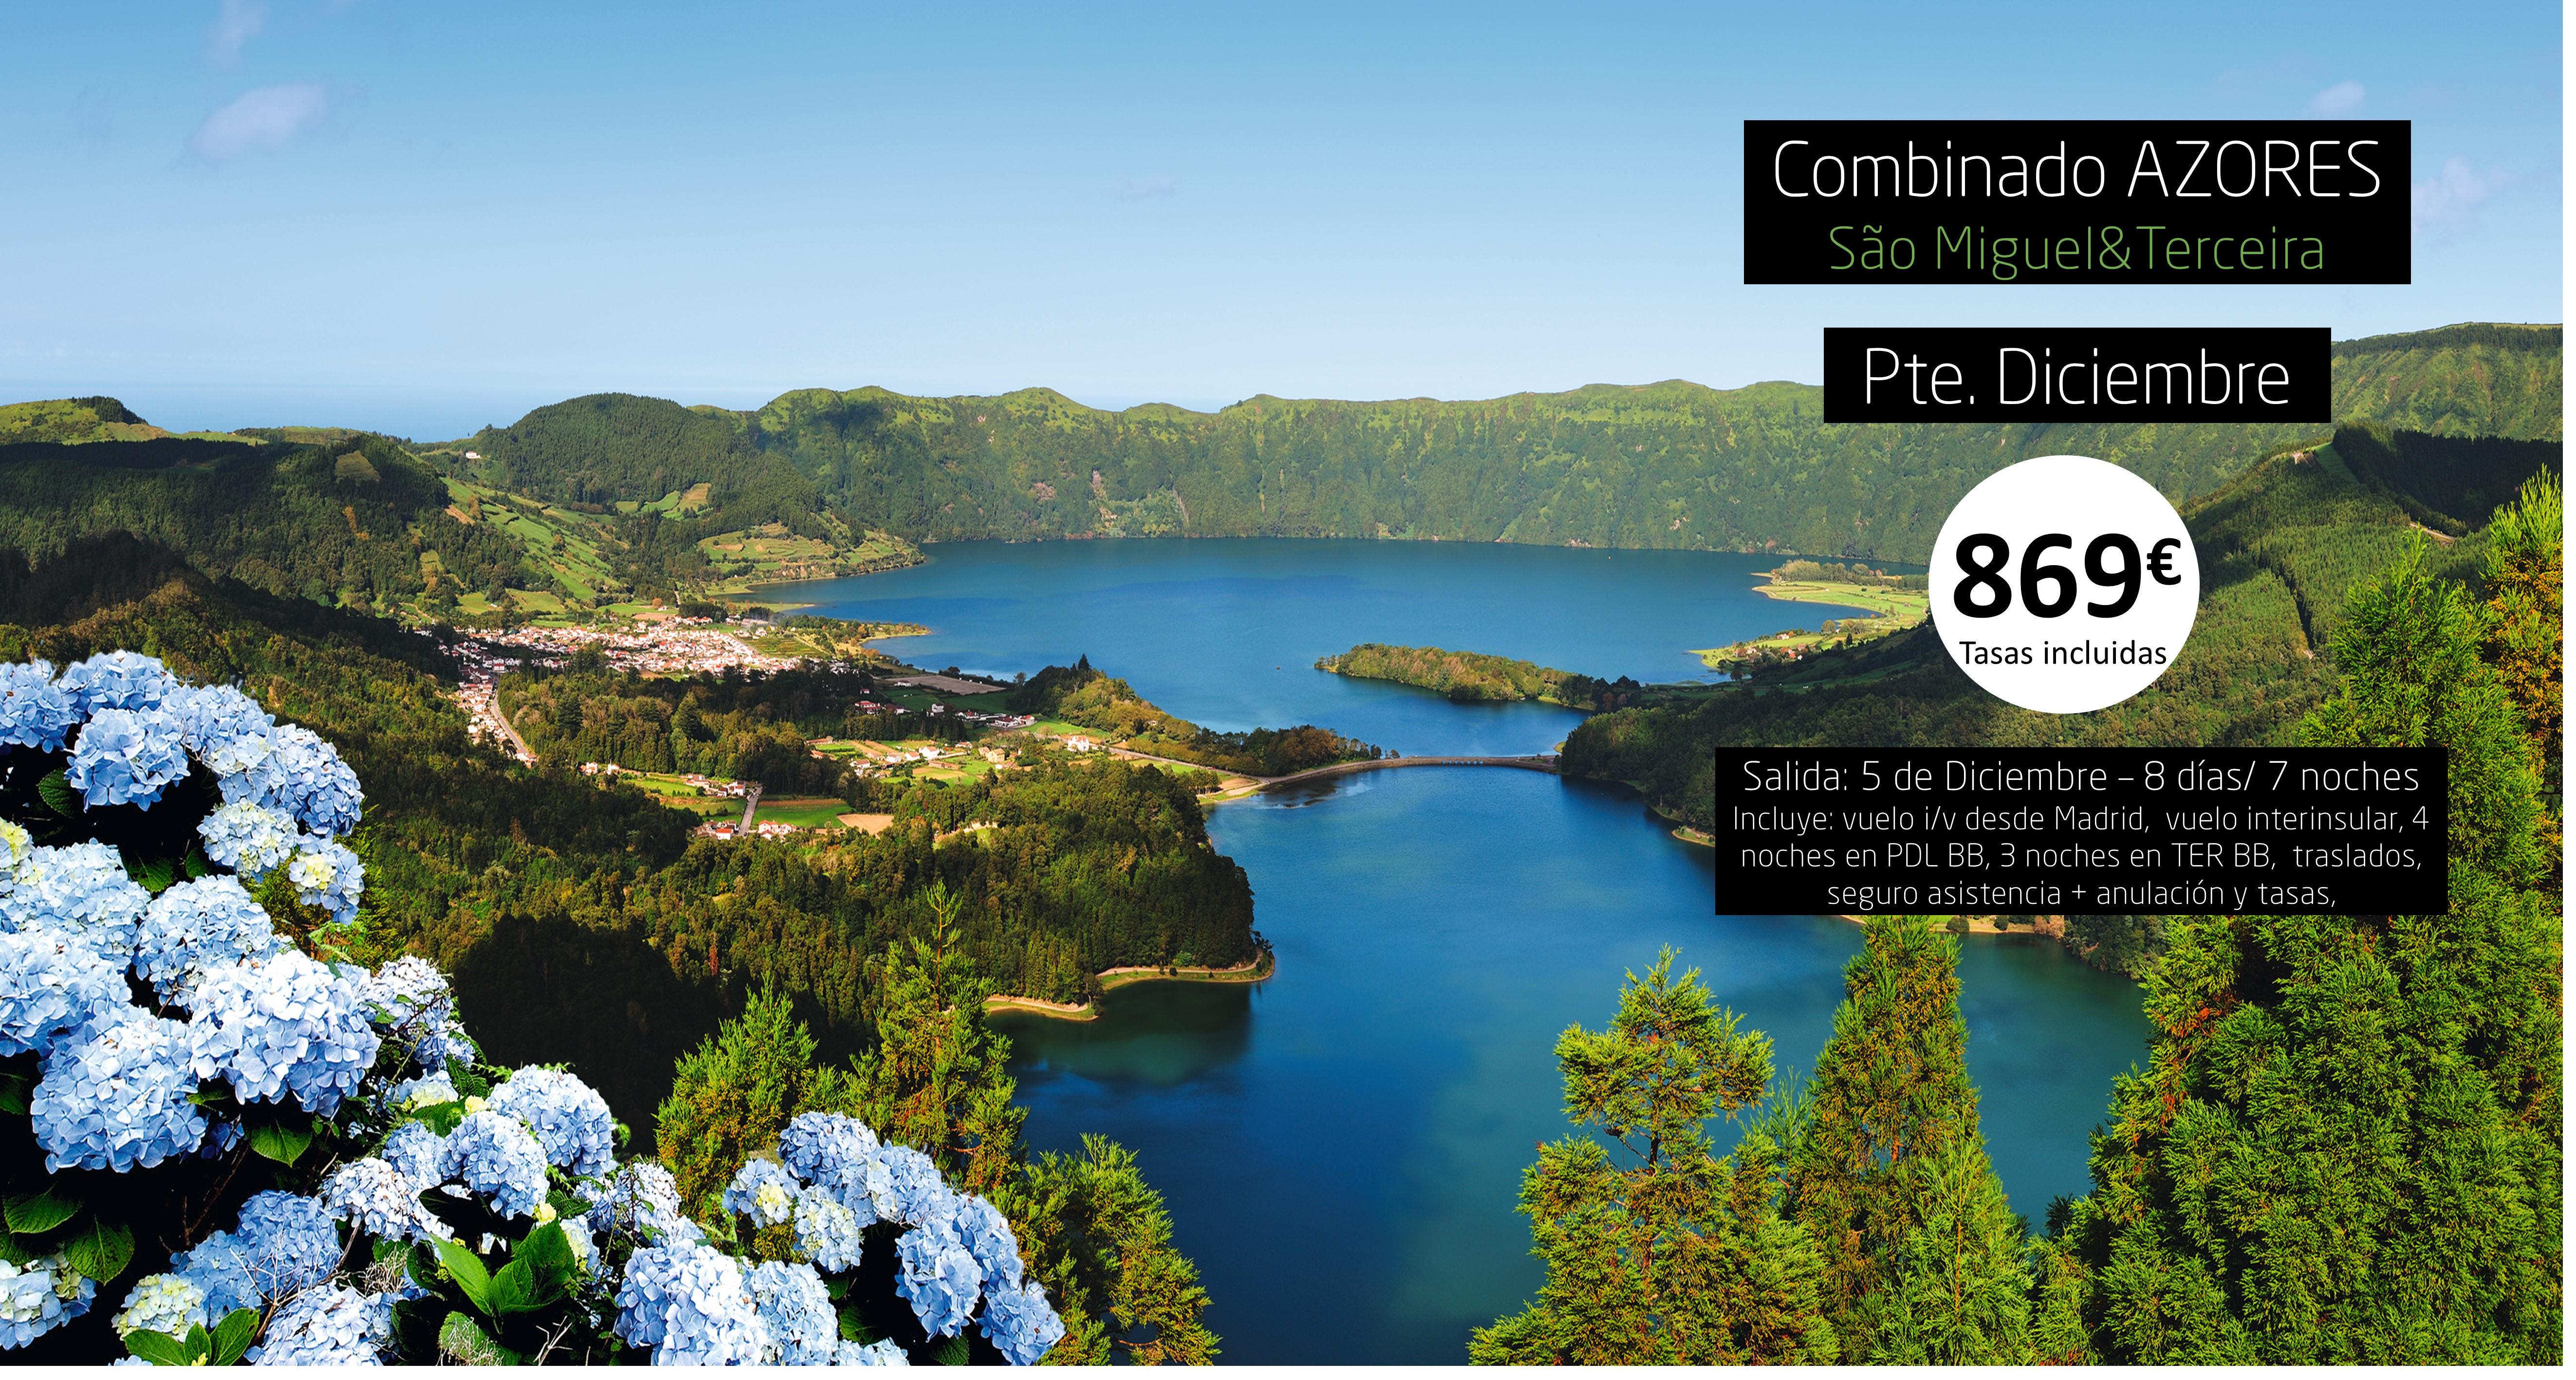 Combinado 2 islas Azores- Pte Diciembre